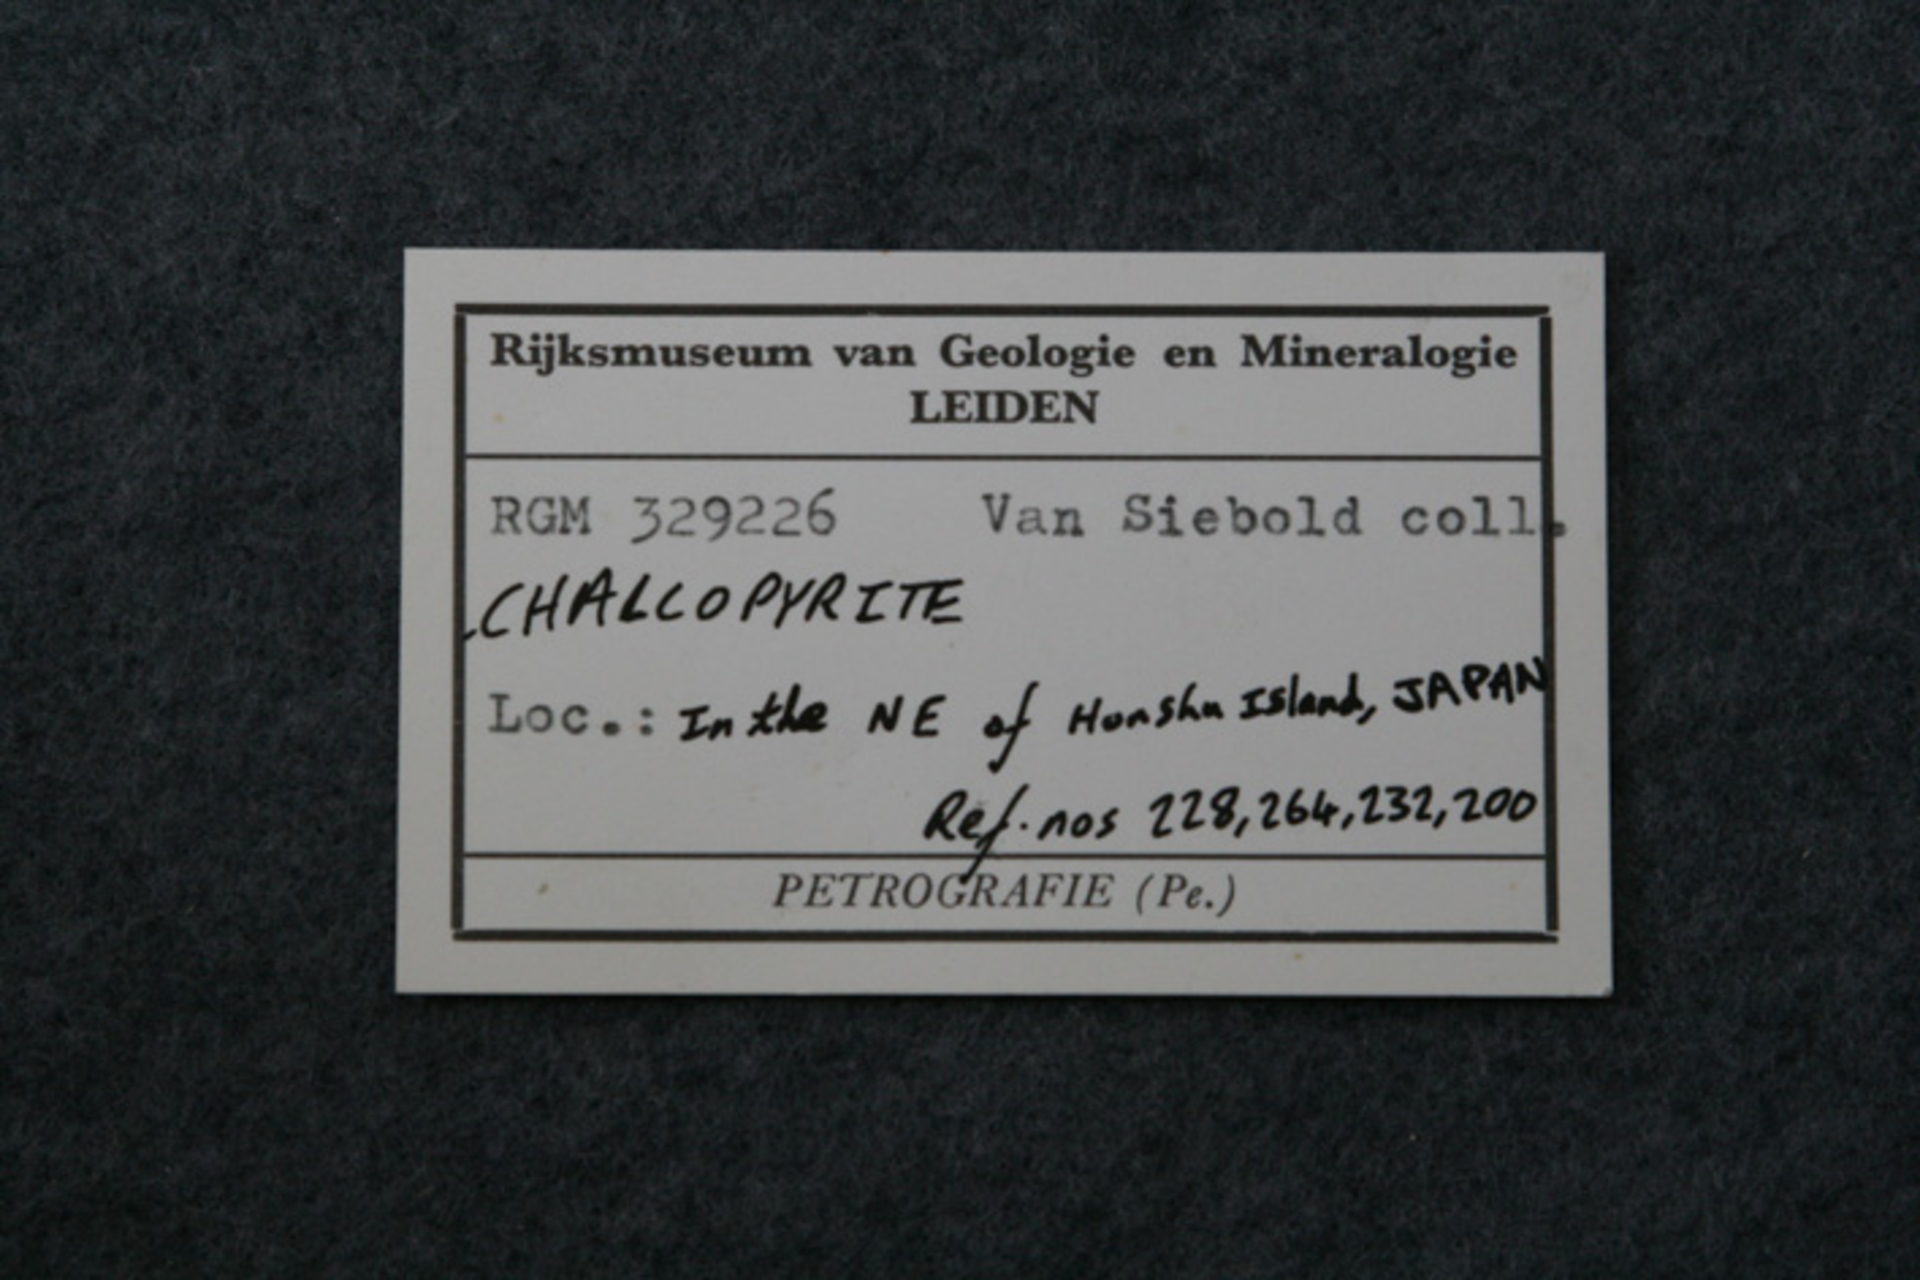 RGM.329226   Chalcopyrite 2.CB.10a